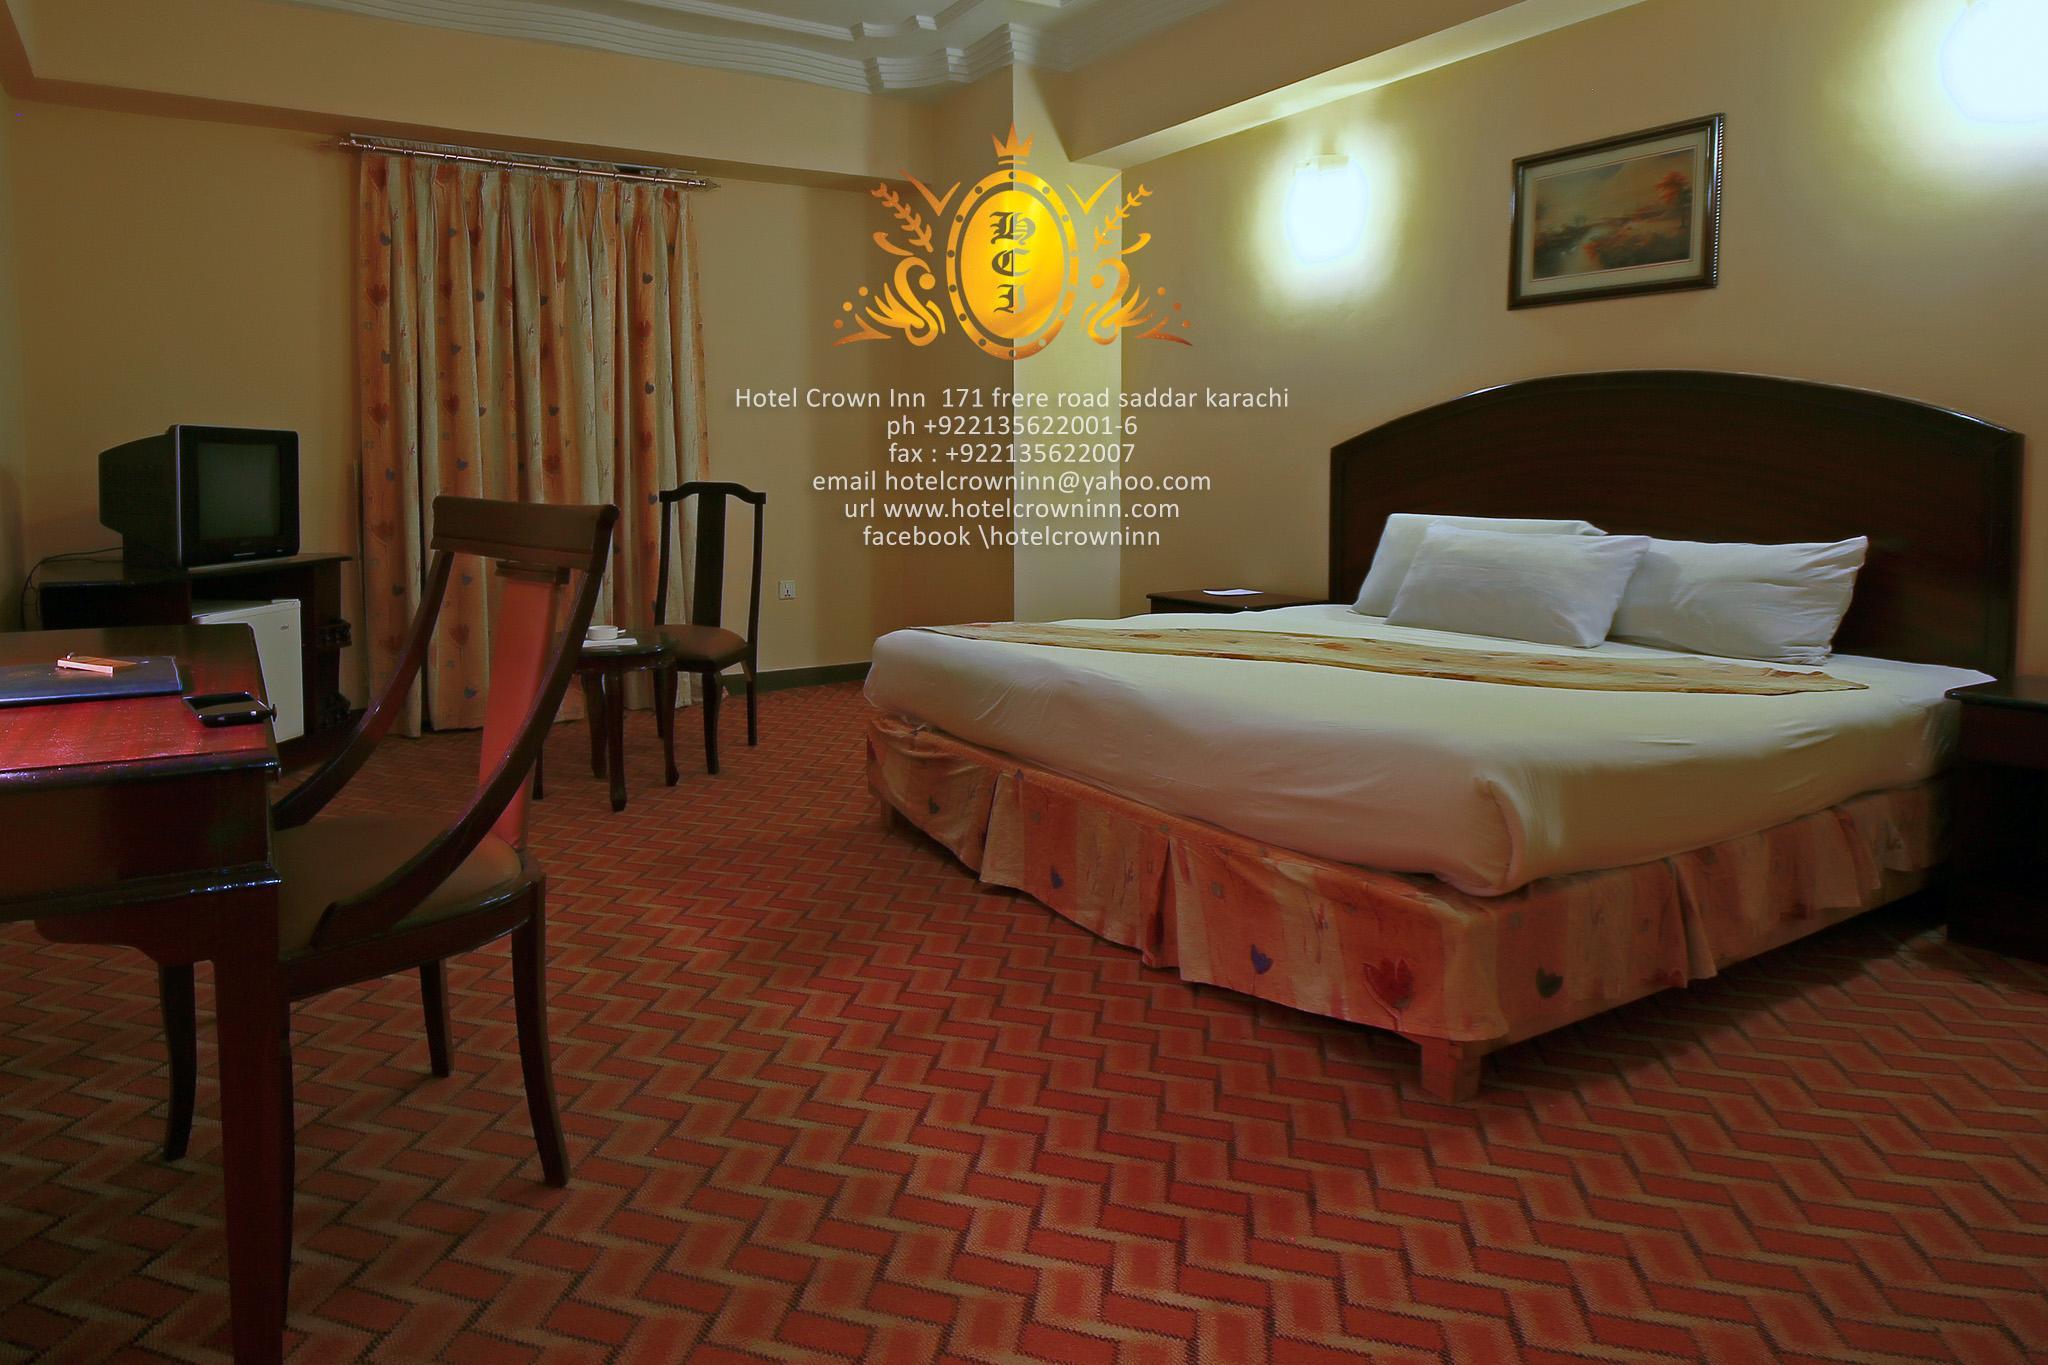 Hotel Crown Inn In Pakistan